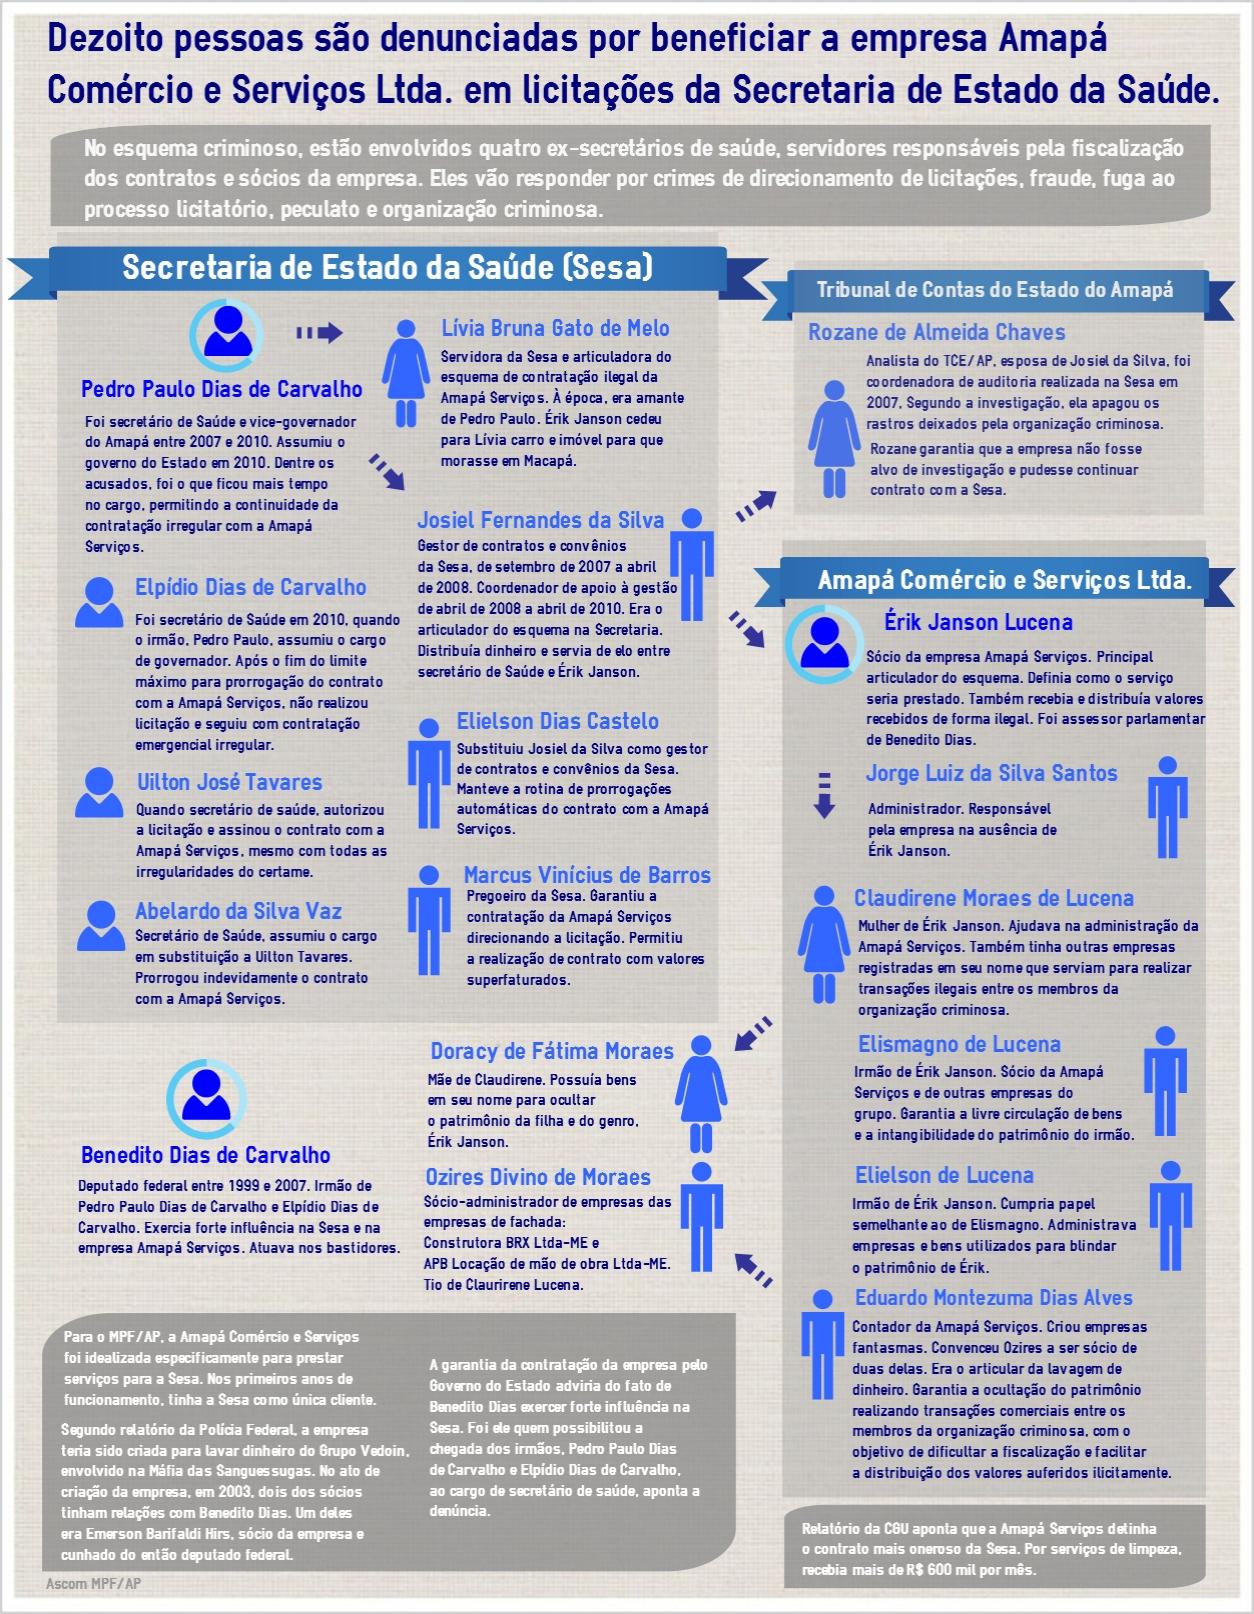 Infográfico divulgado pelo MPF demonstra como funcionava o esquema